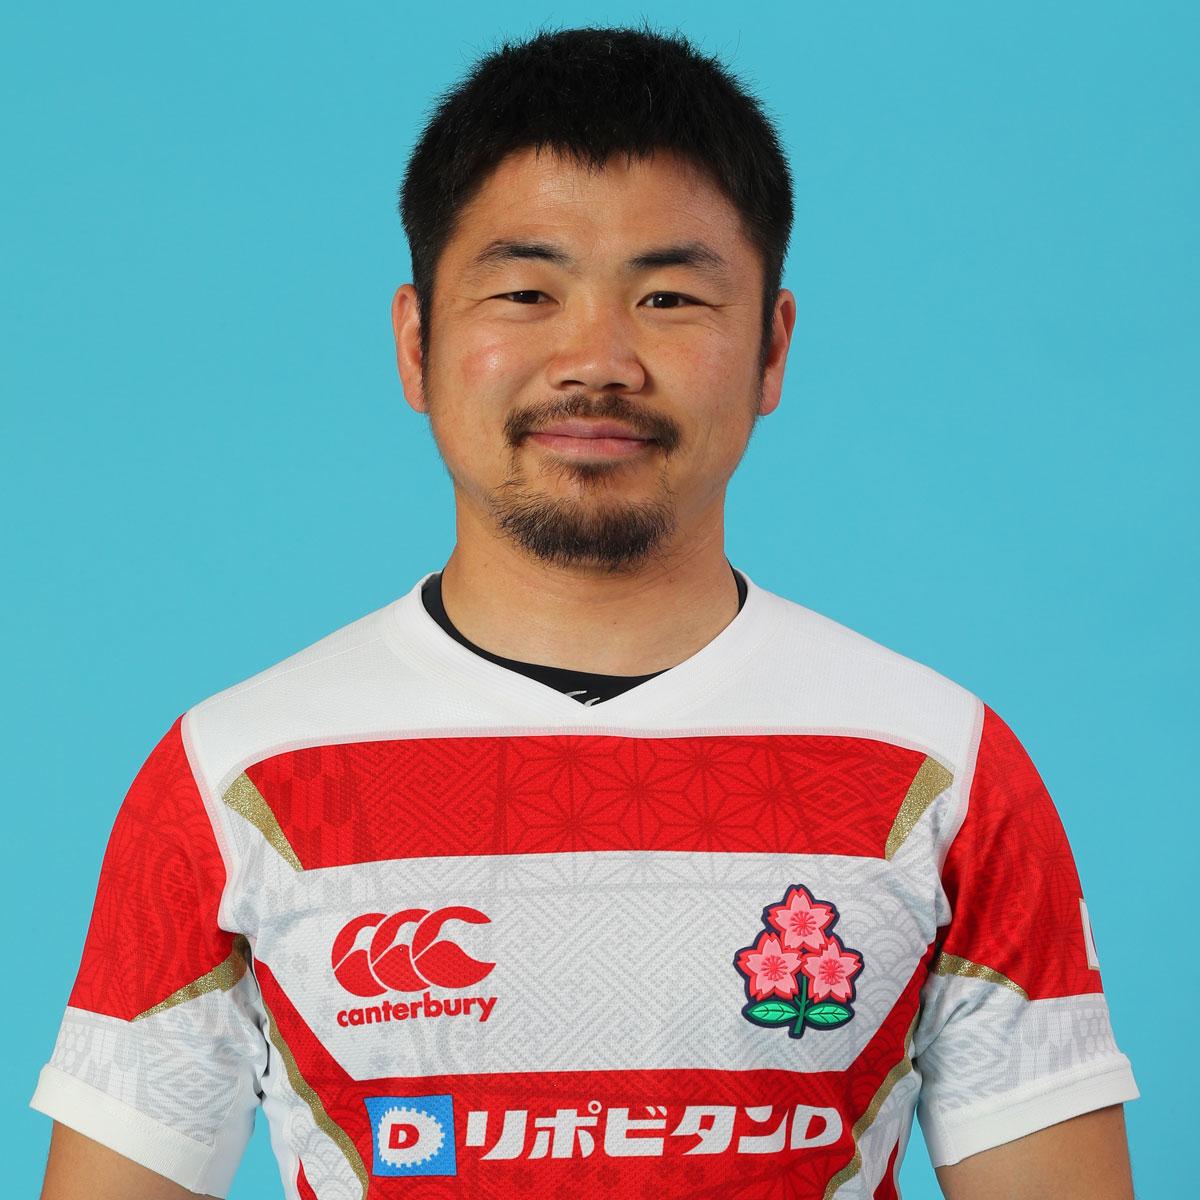 田中史朗|15人制男子日本代表|日本ラグビーフットボール協会